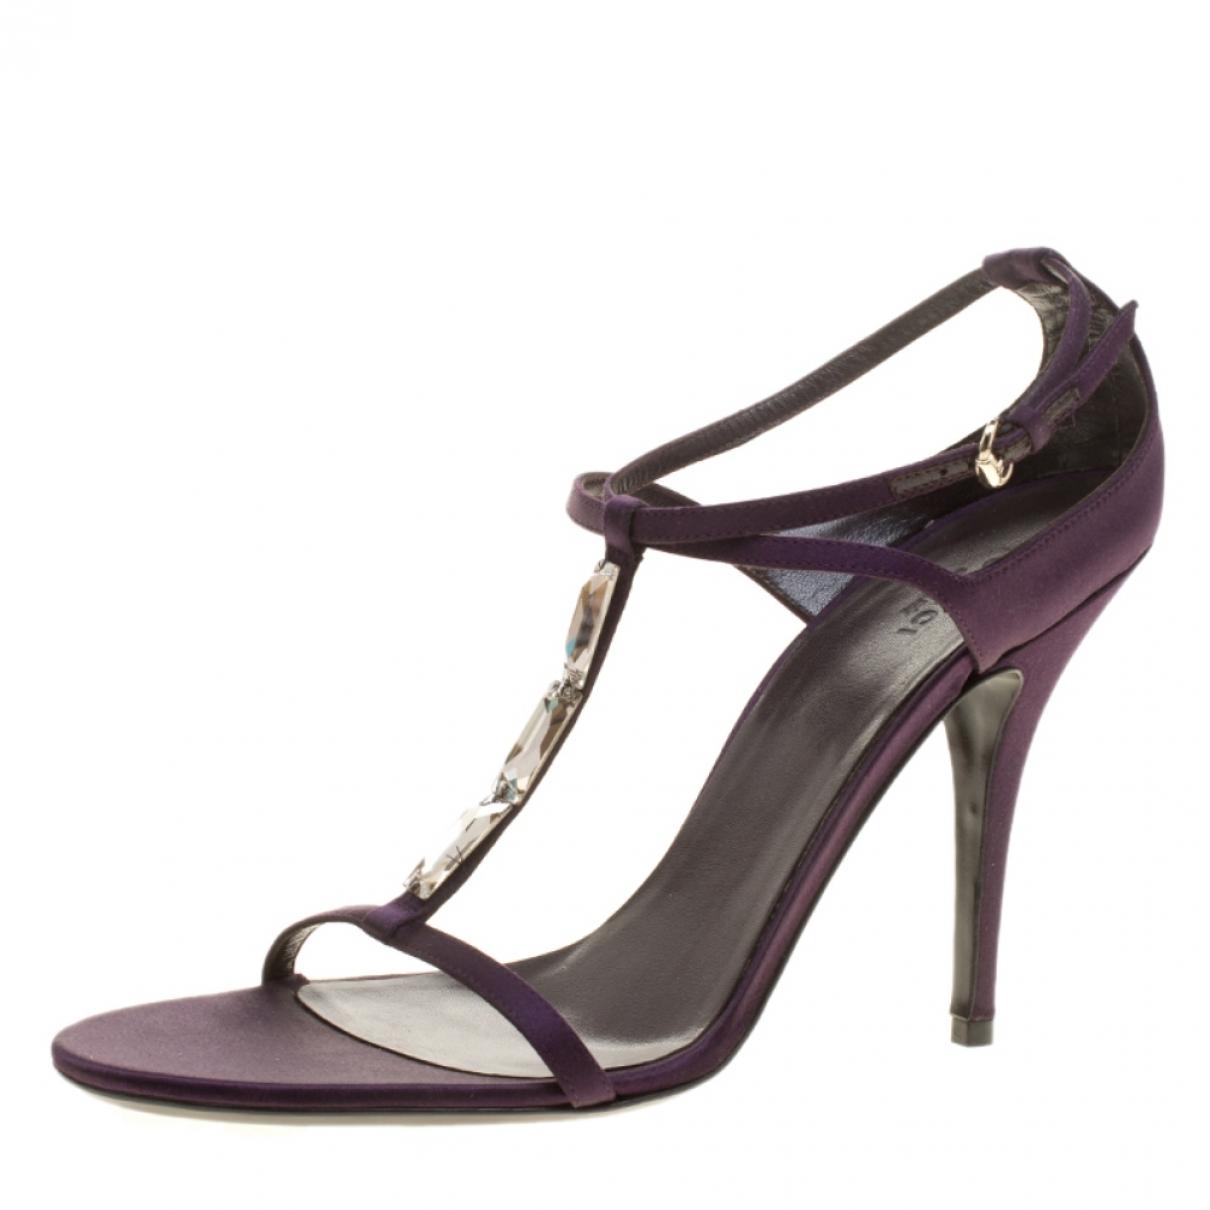 Gucci - Sandales   pour femme en toile - violet